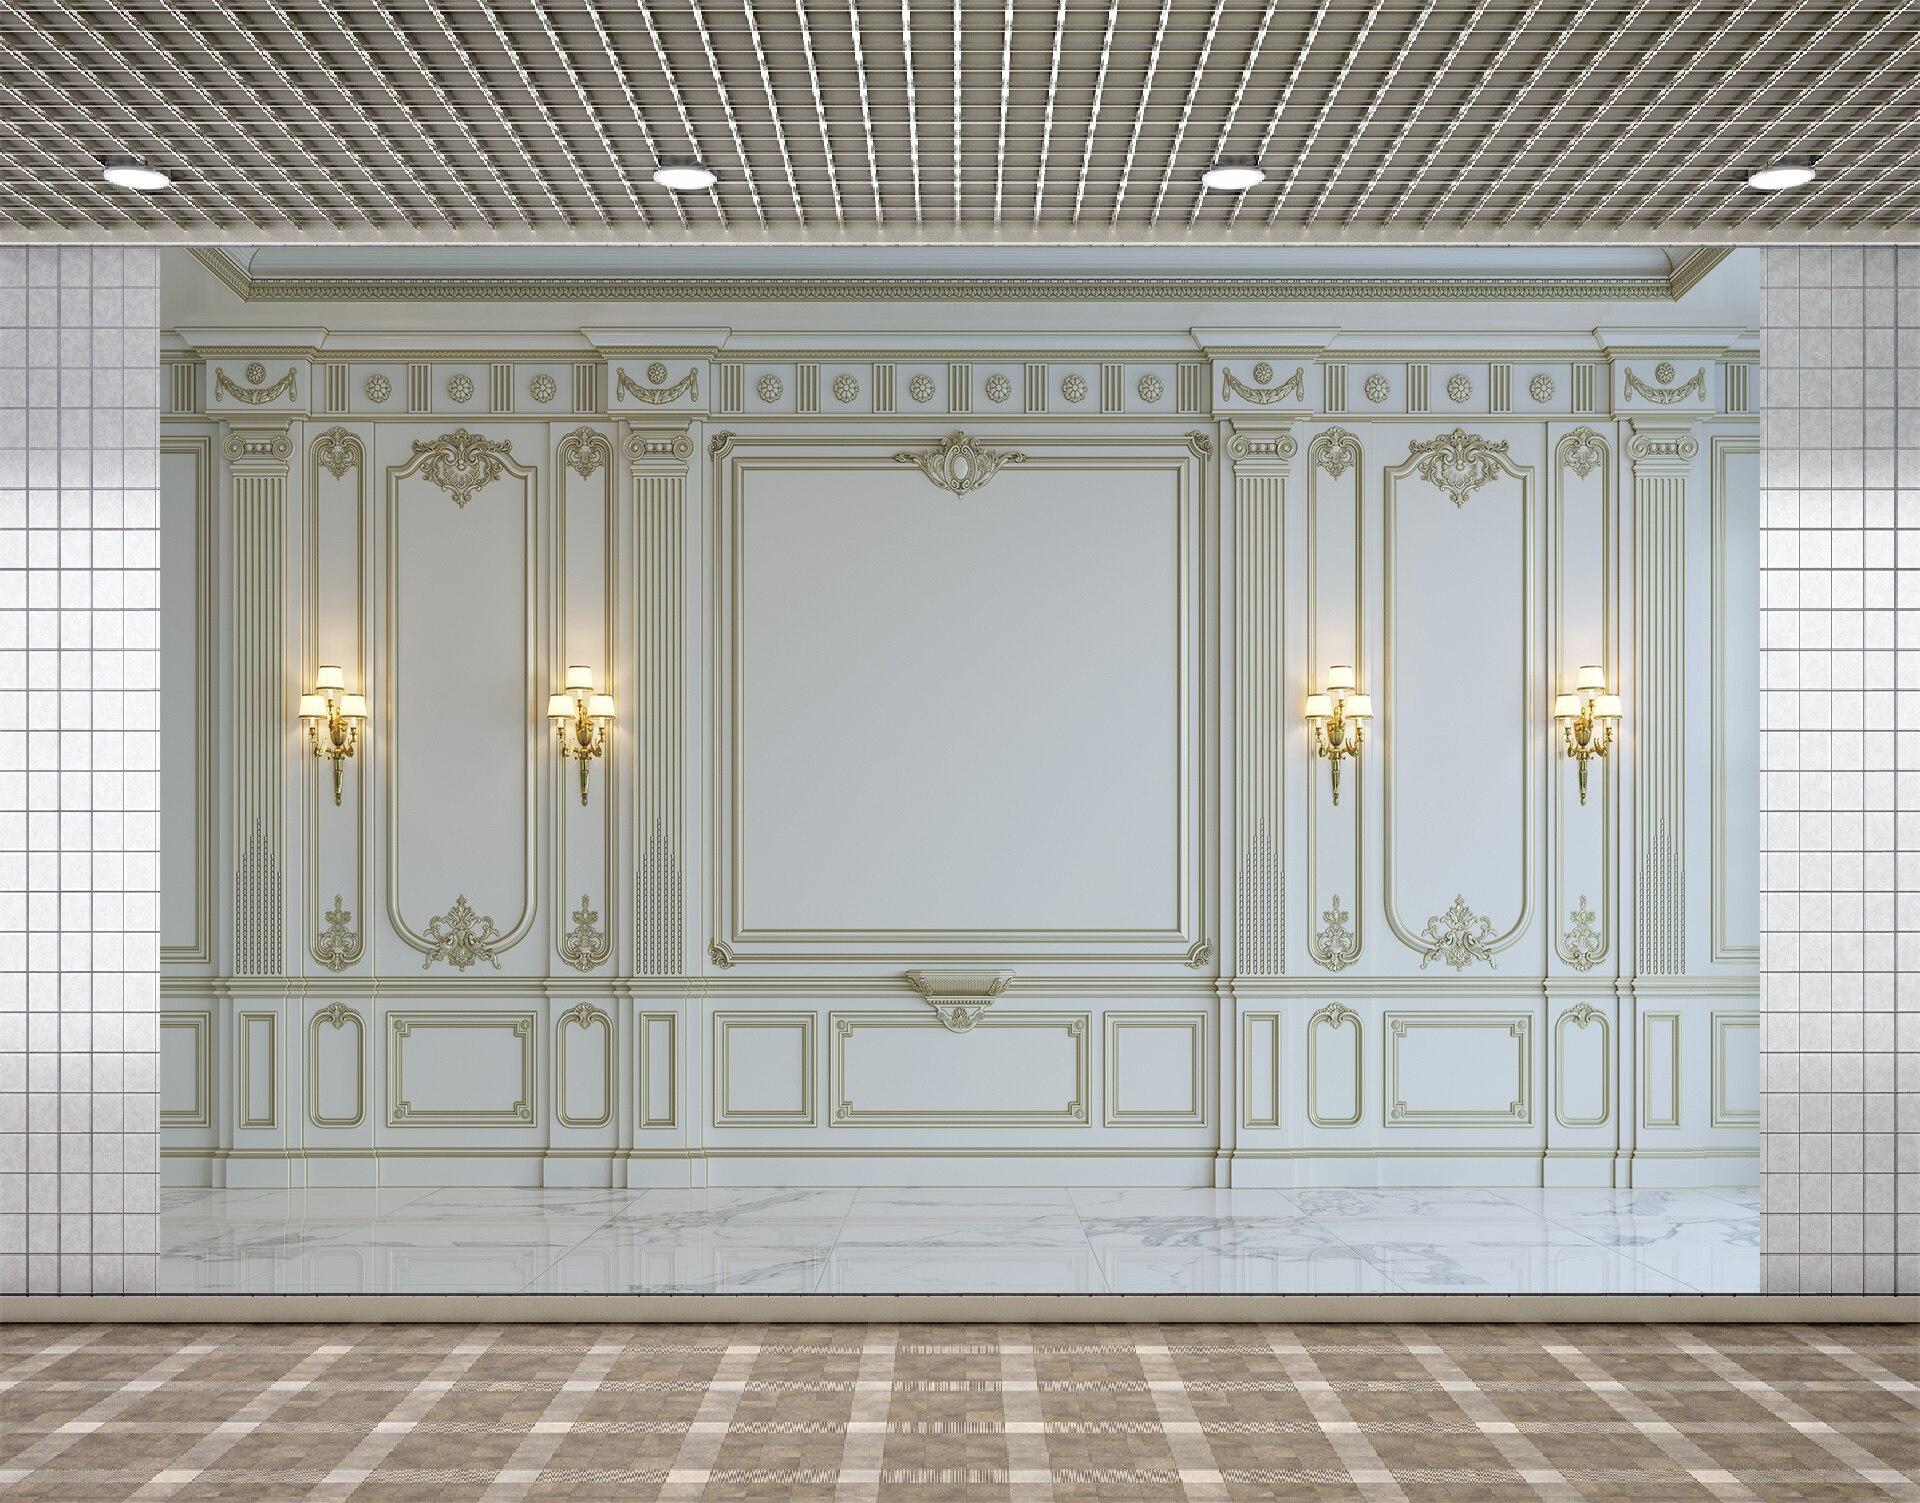 Pano de Fundo Lyavshi Branco Clássico Parede Porta Lamplight Palácio Fundo Decoração Foto Estúdio Fotografia